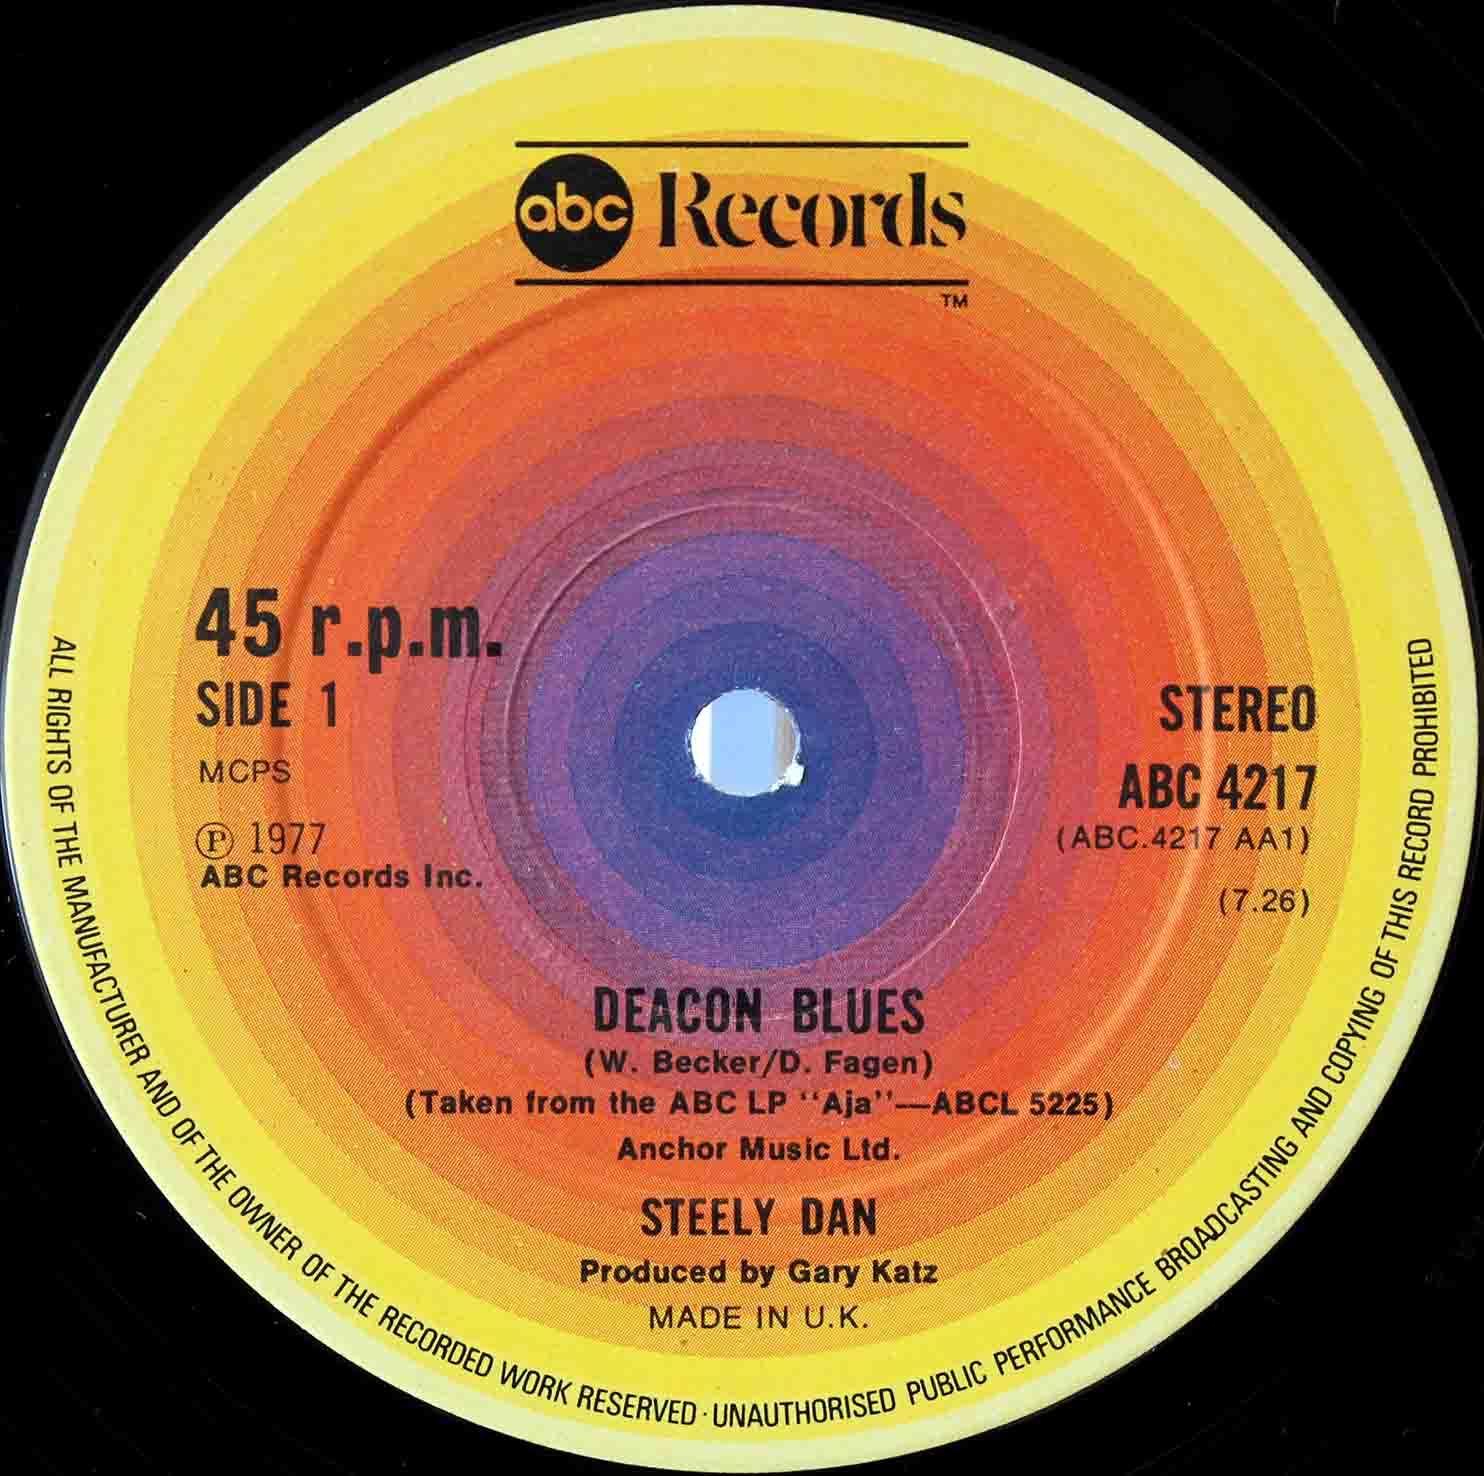 Steely Dan – Deacon Blues 02